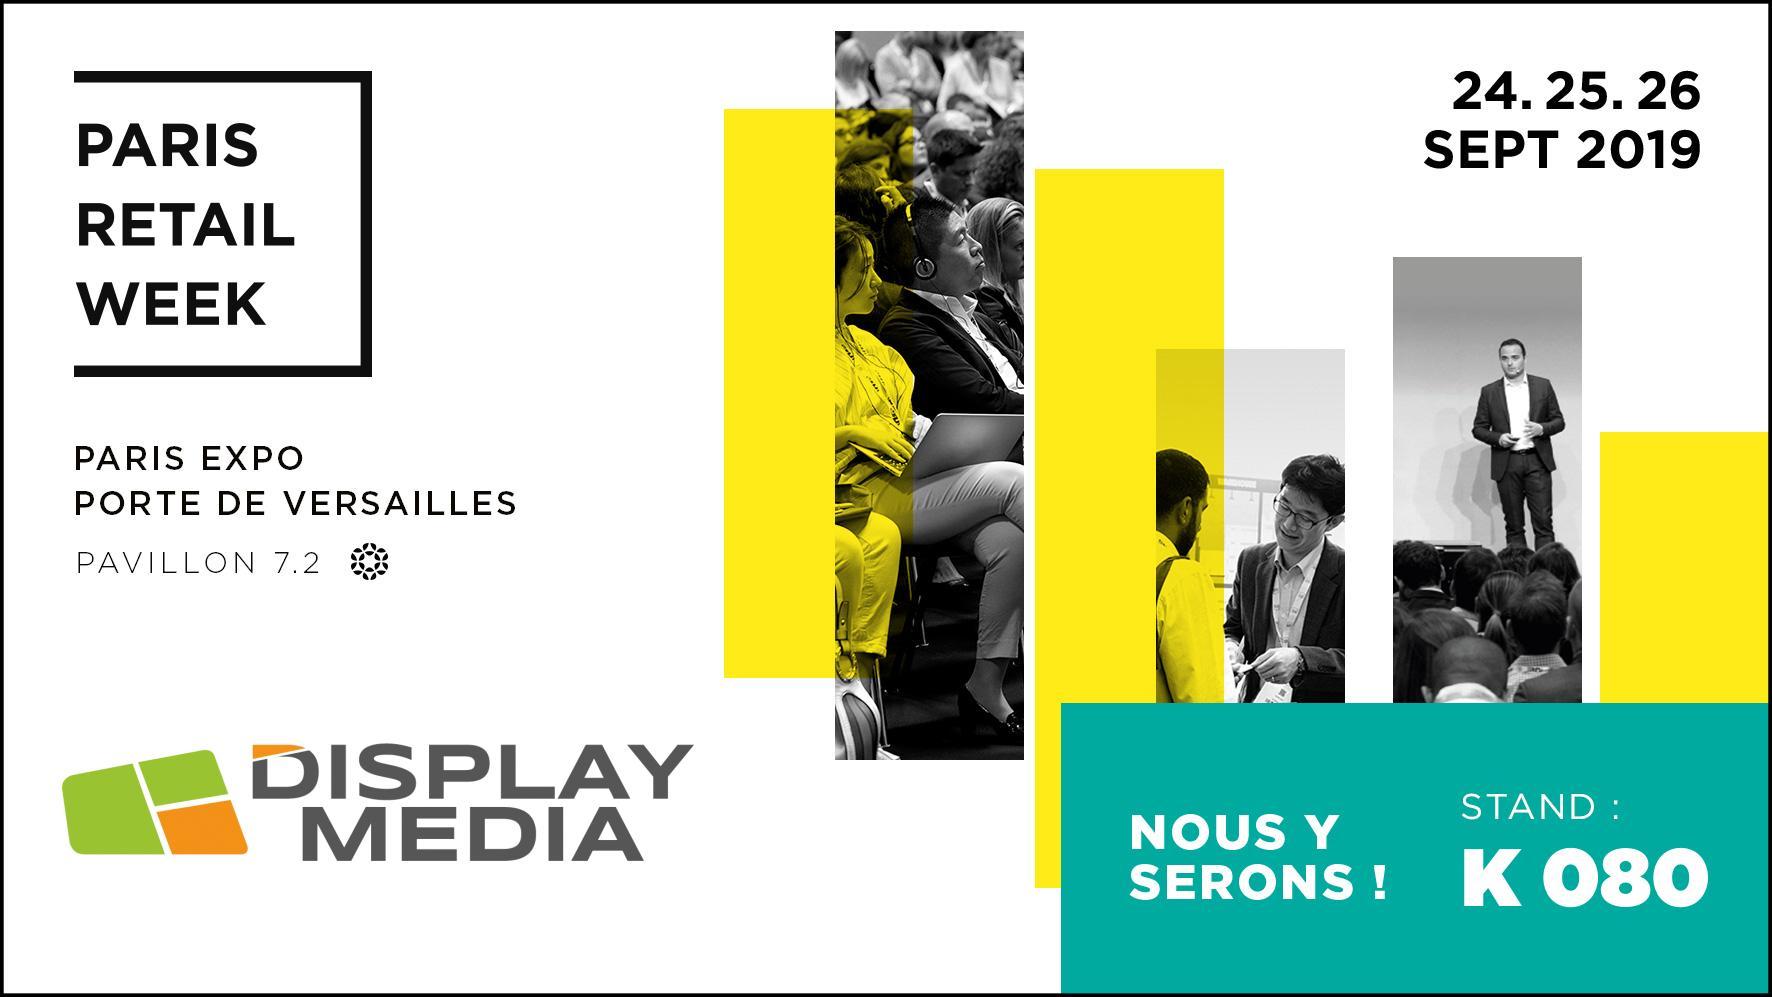 [SALON] PARIS RETAIL WEEK 2019